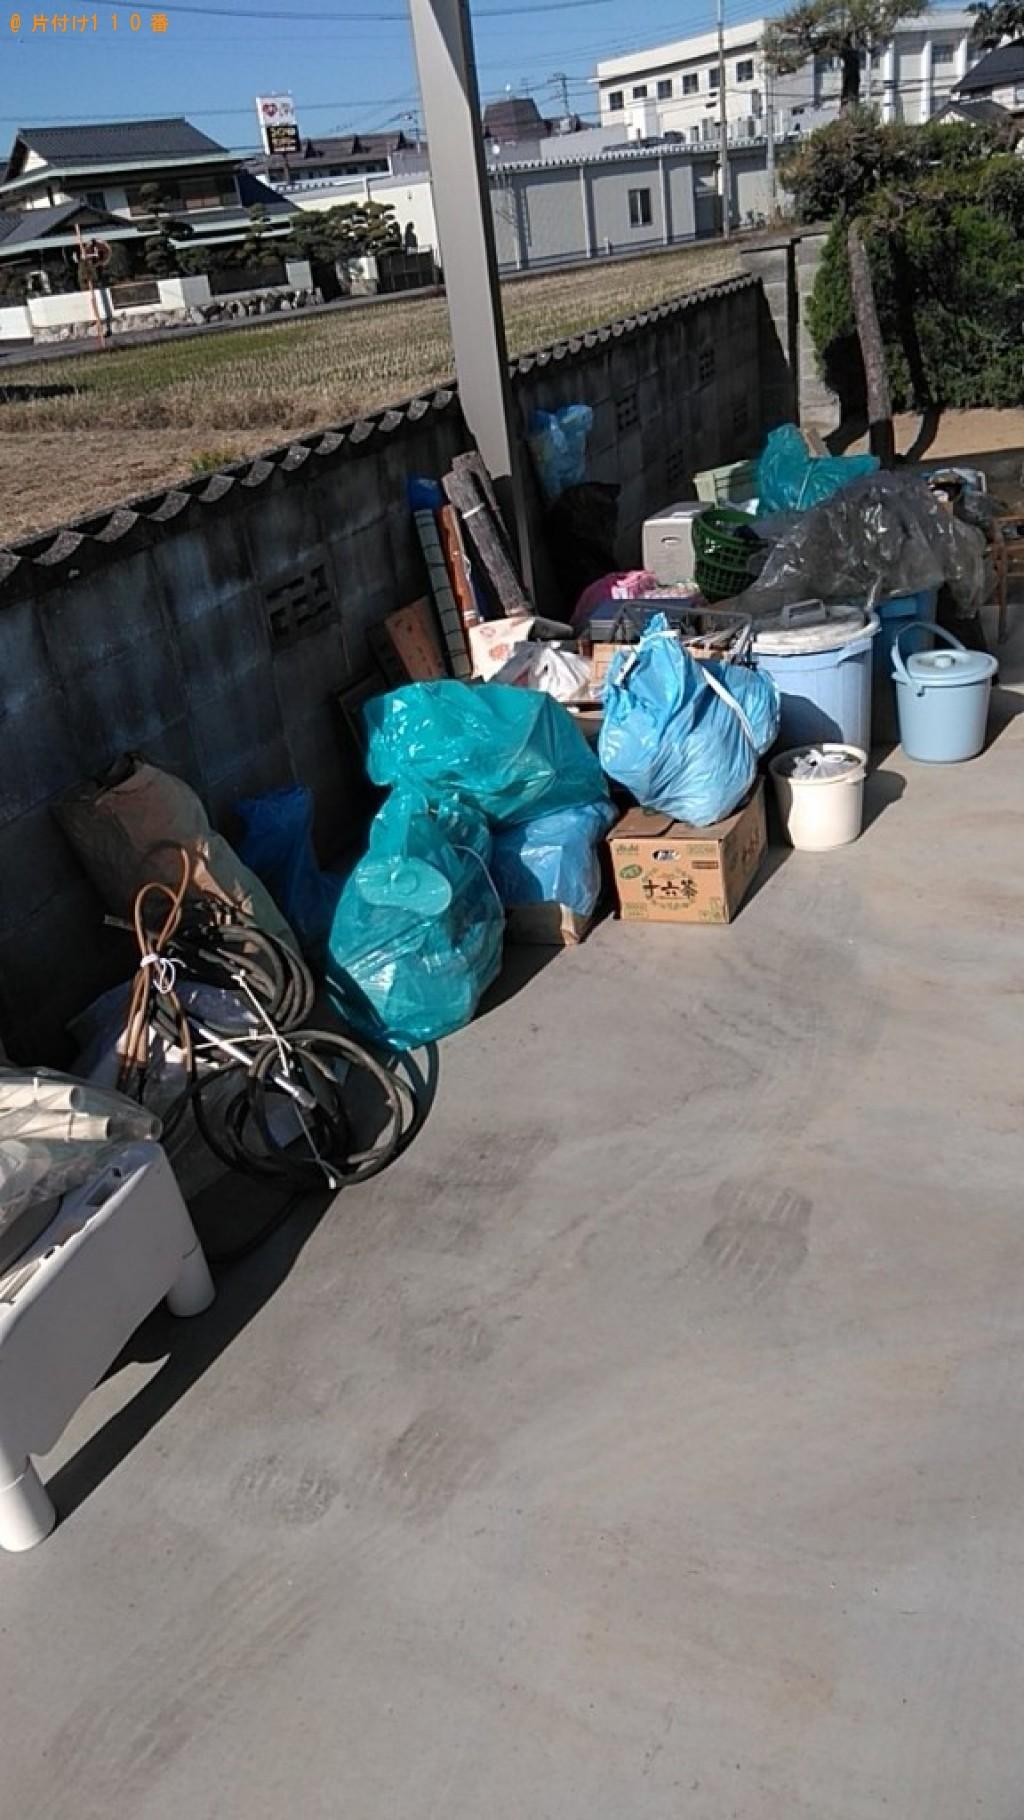 【静岡市】すだれ、食器、電気ストーブ、ビニール袋等の回収・処分